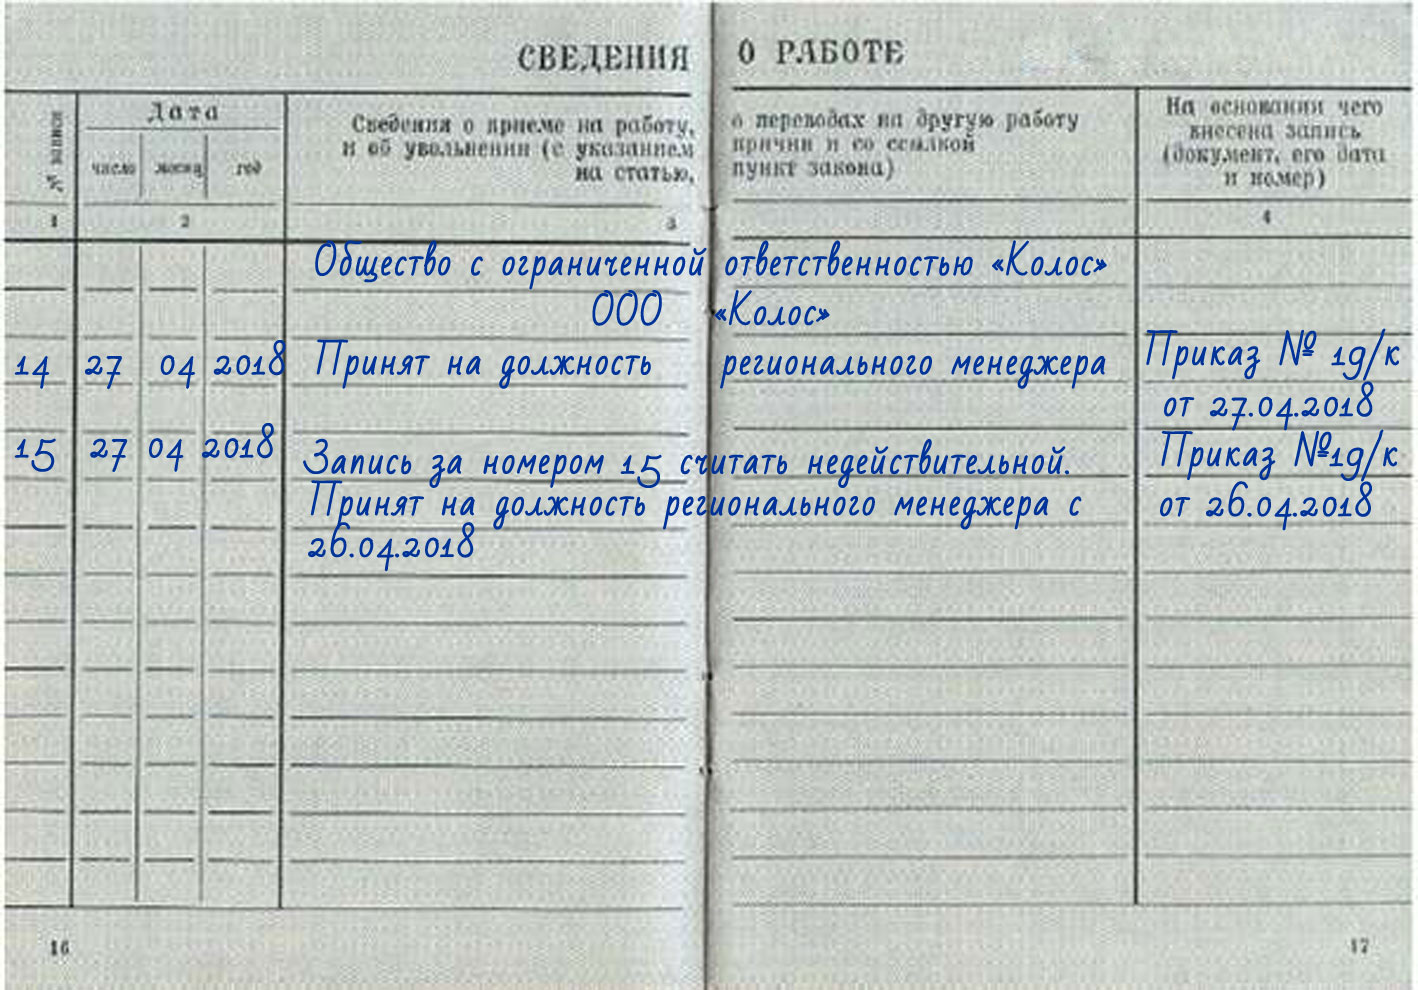 Страховой стаж считать от даты приказа или даты записи